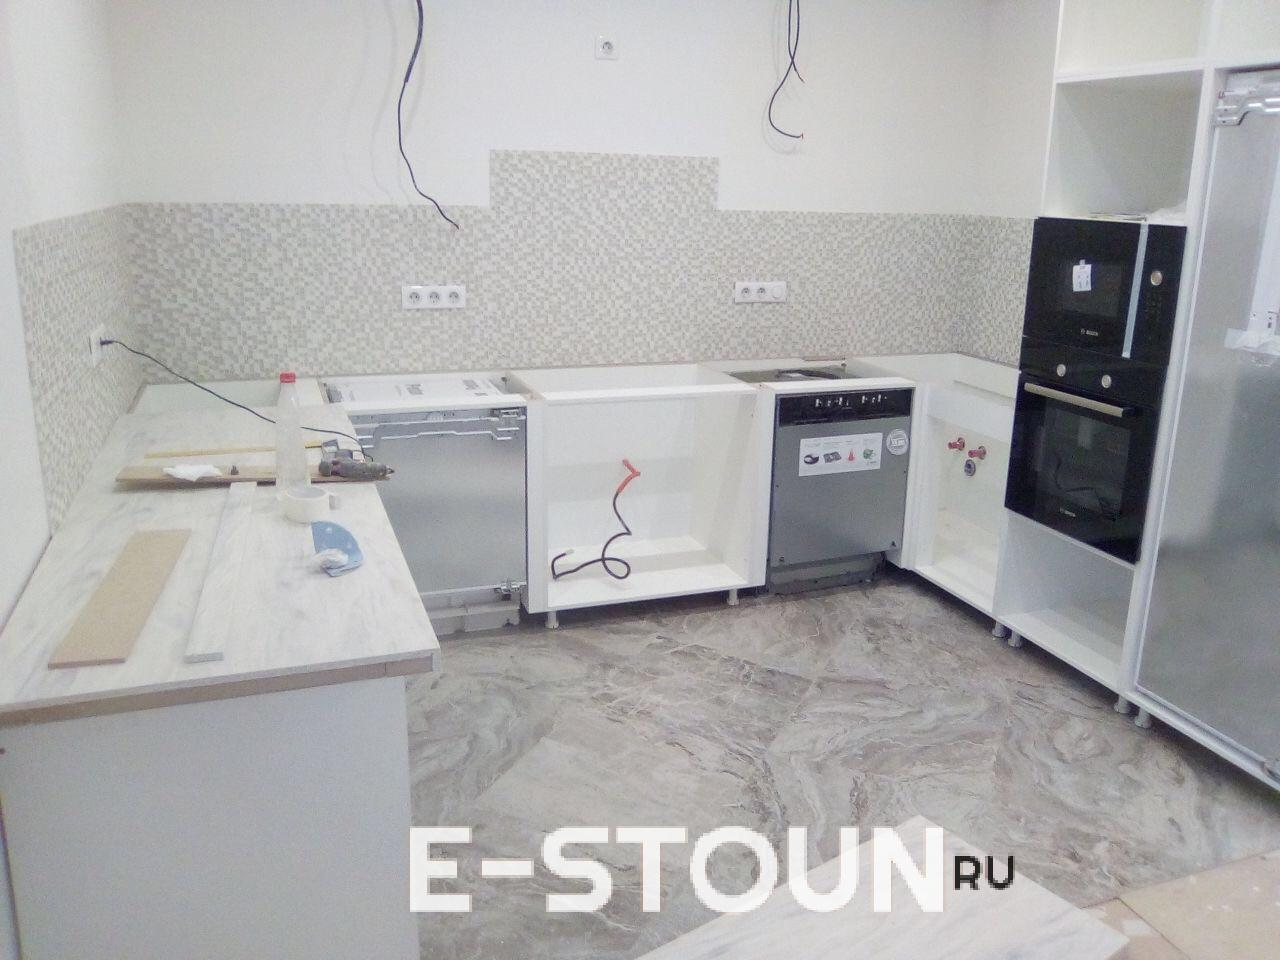 Это начало монтажа столешницы из искусственного камня tristone v020 Solid Rock e-stoun.ru